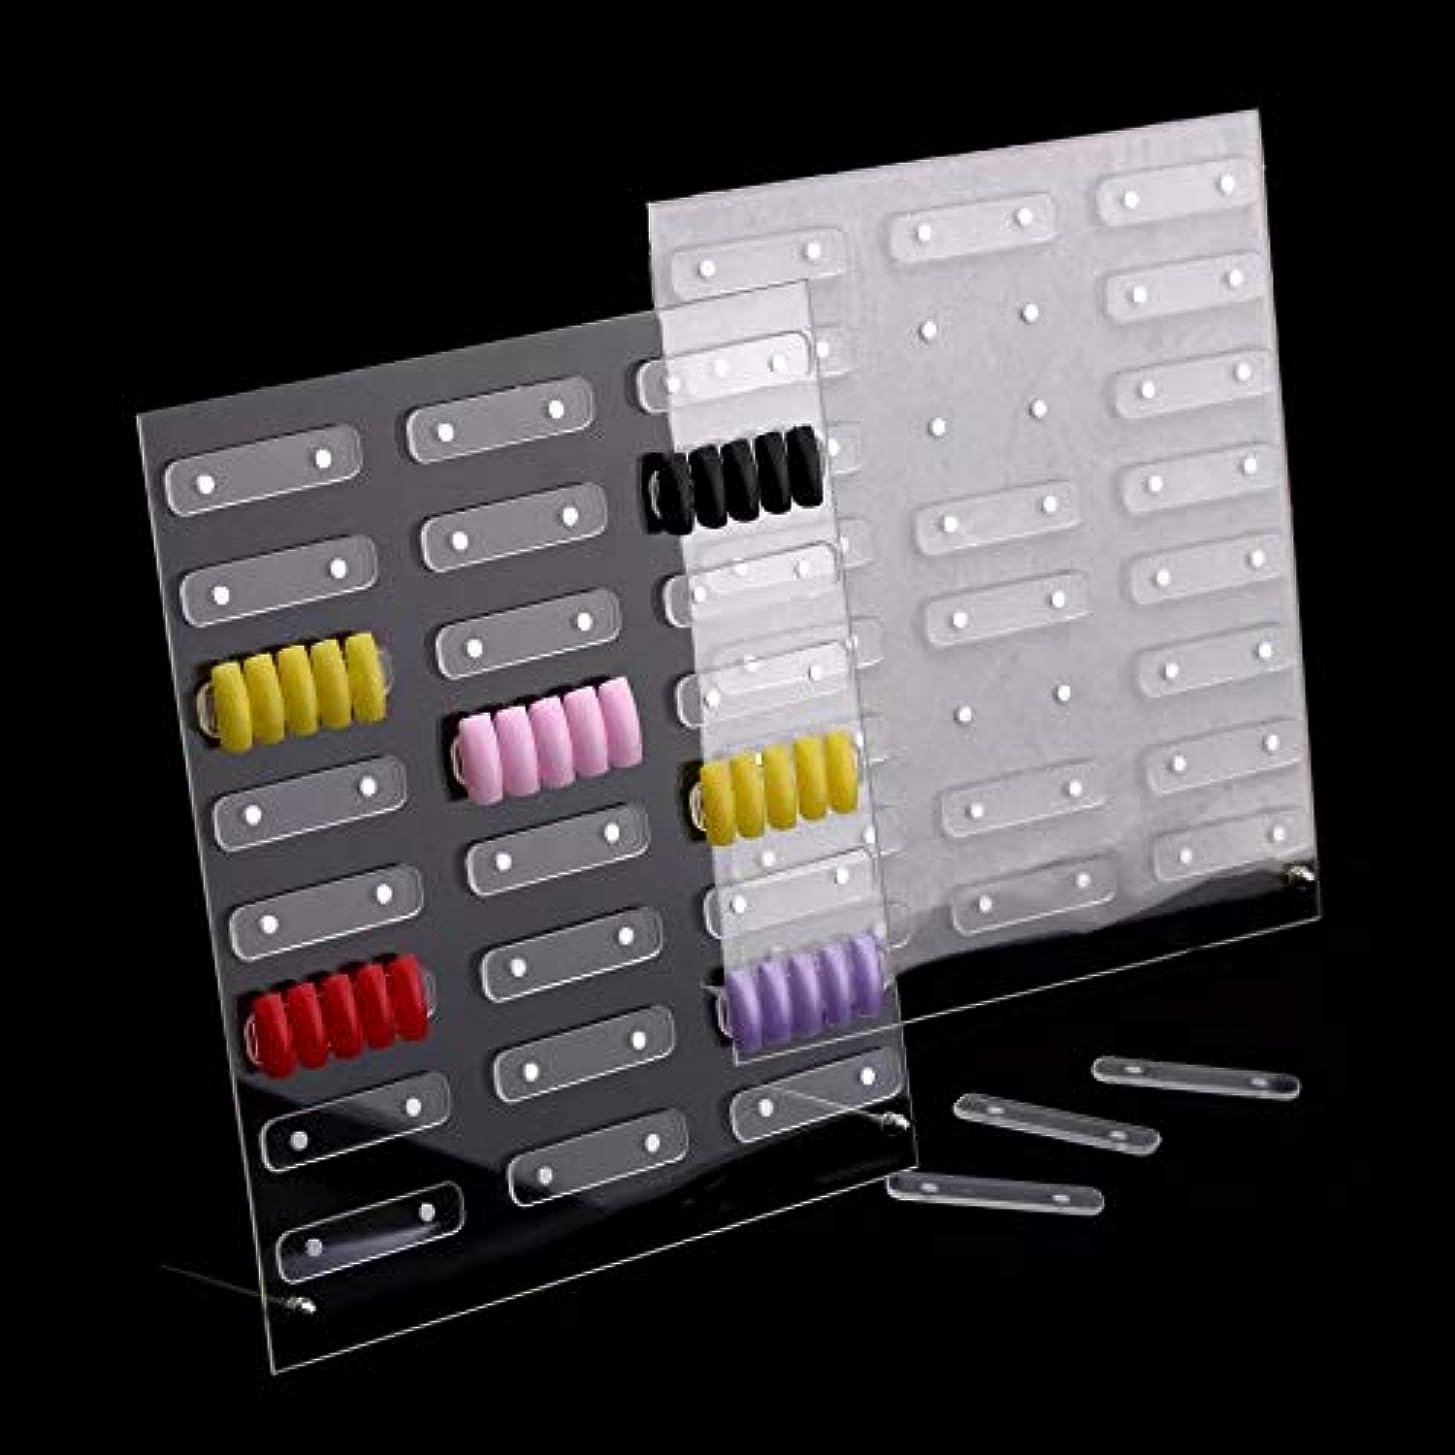 枯渇特徴づける波紋磁石付きネイルサンプルディスプレイボード展示板 大容量24セット設置可能 見本ボード サンプルチップ貼り付け板 入れ替え取り外し簡単ラクラク! (大 (32ピース))